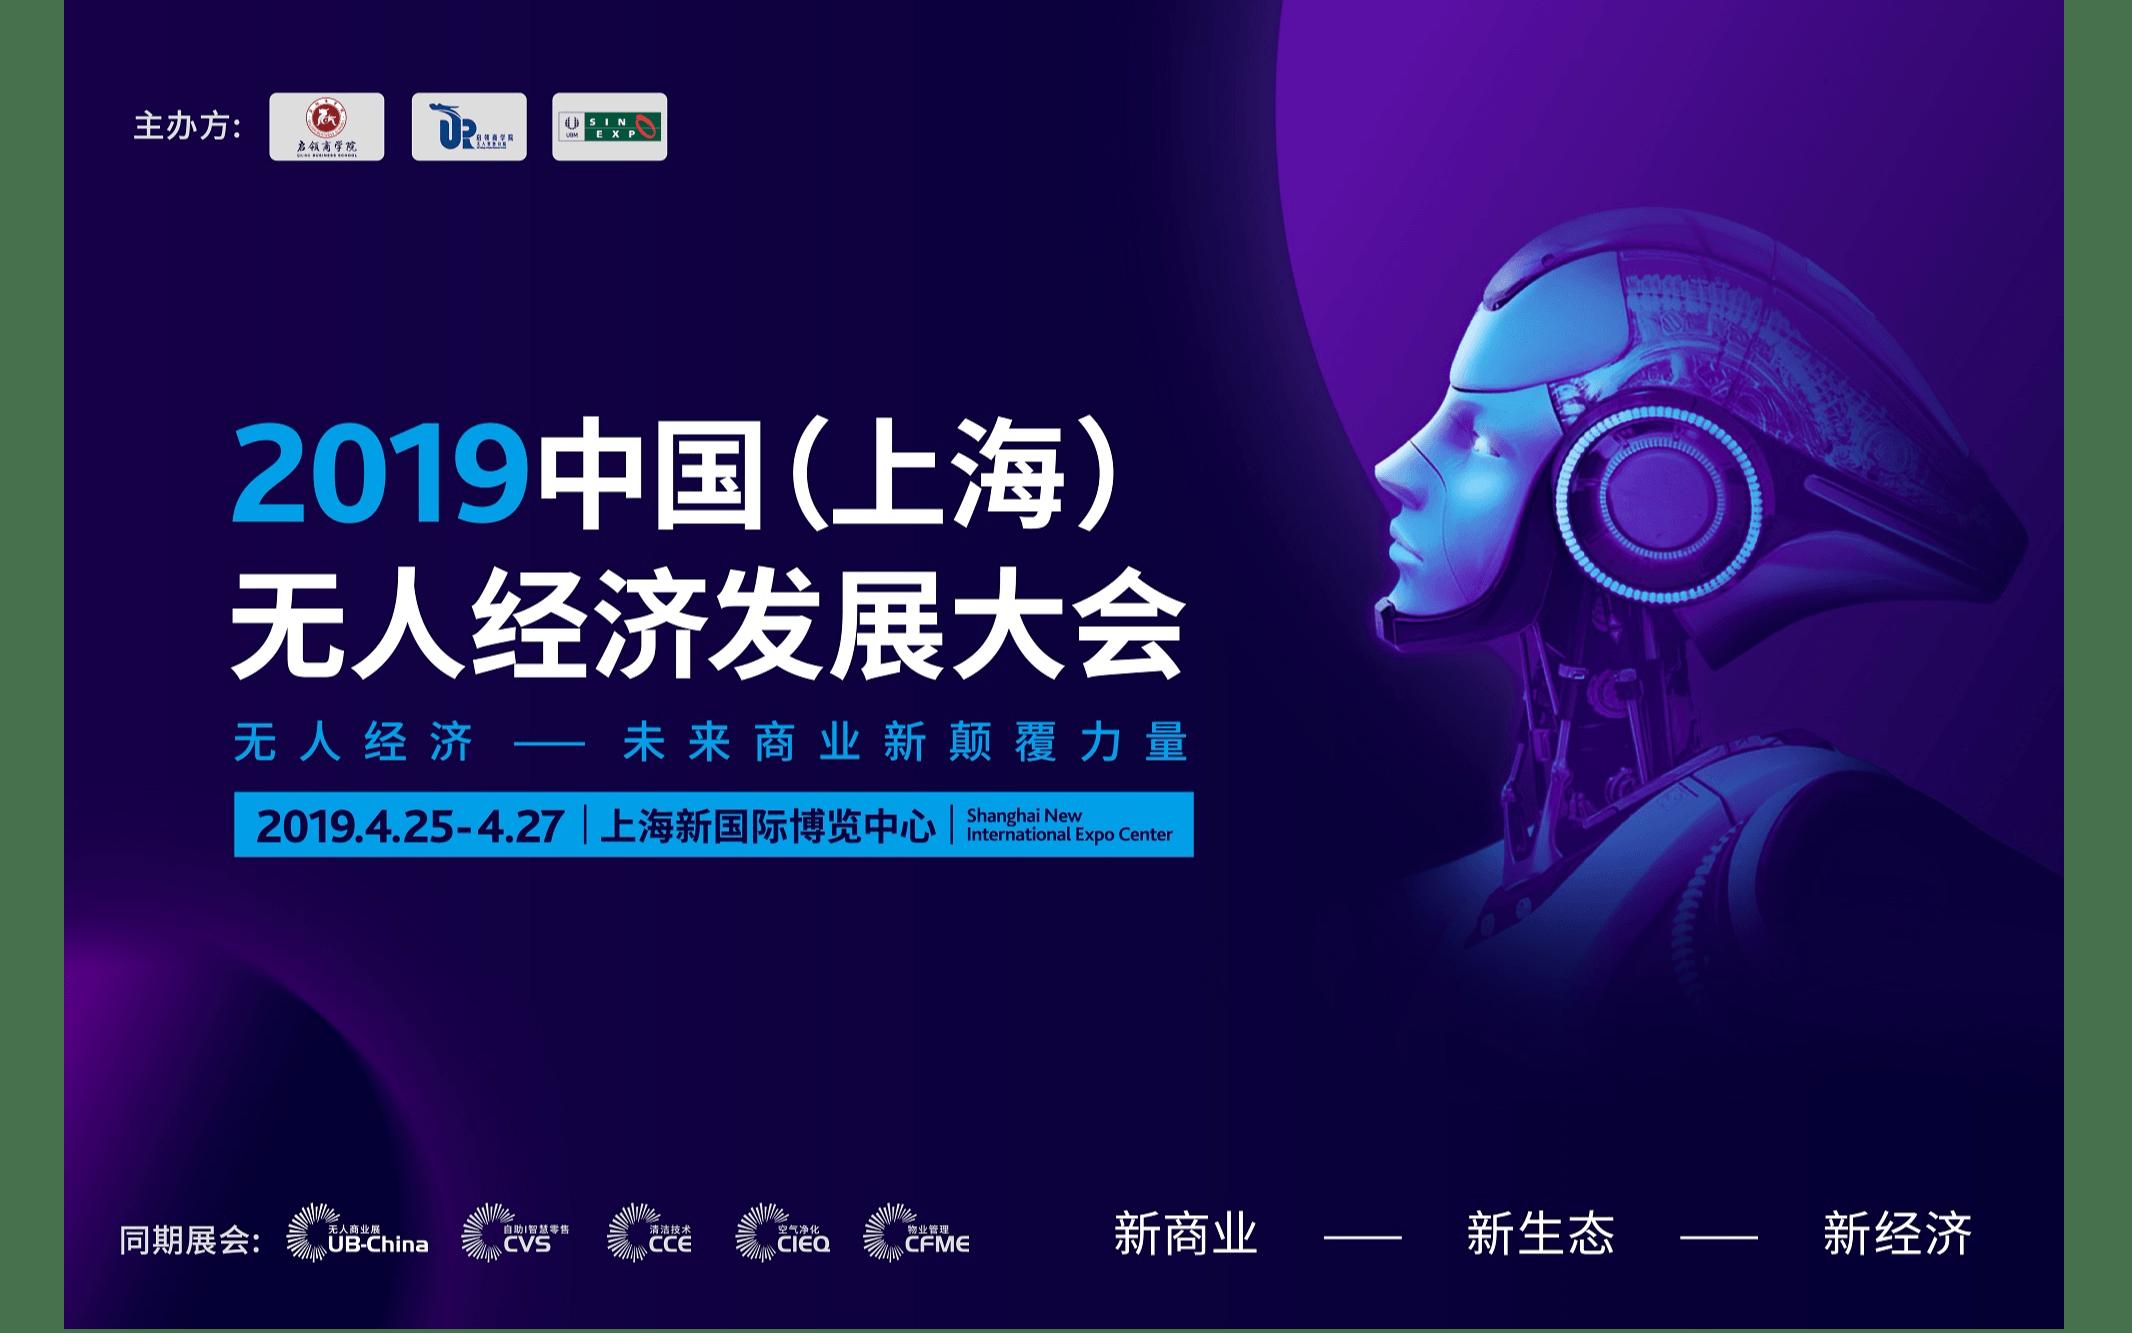 2019上海经济发展_2019年中国 上海 无人经济发展大会